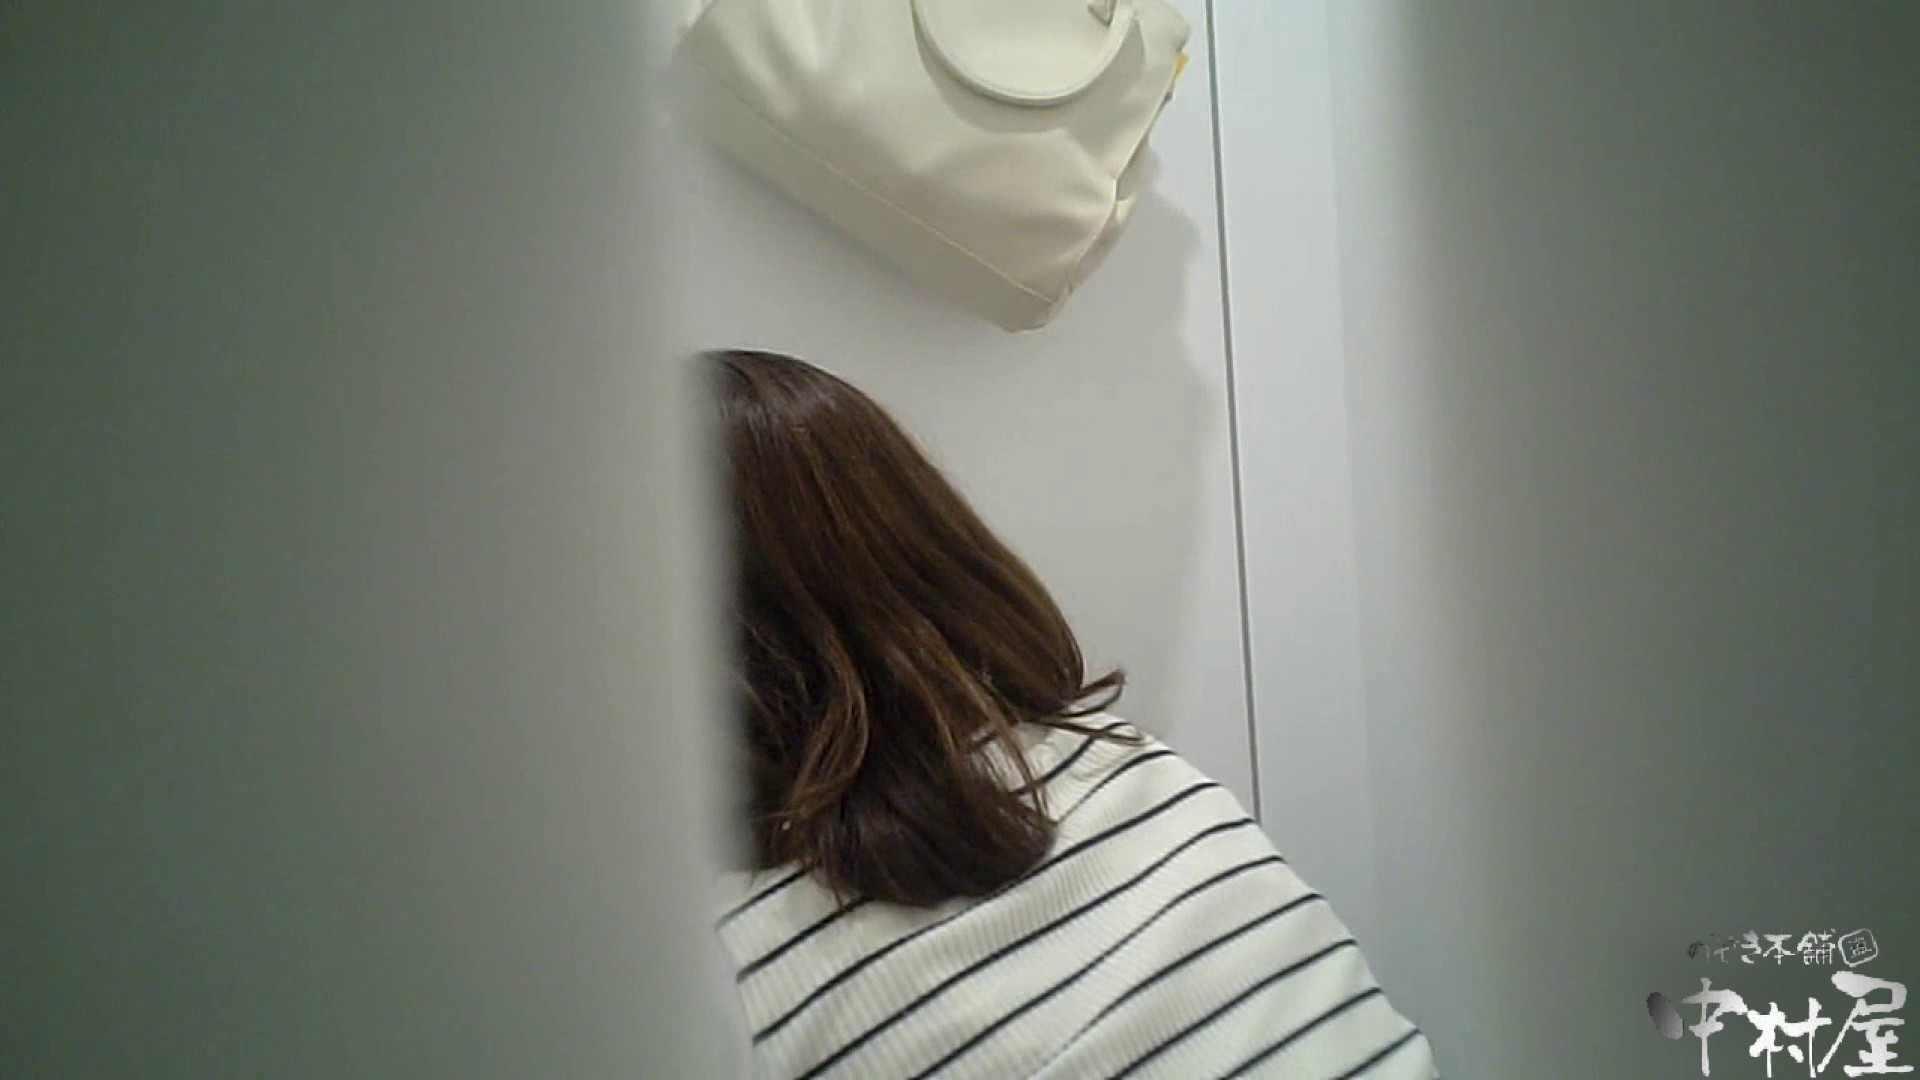 【某有名大学女性洗面所】有名大学女性洗面所 vol.37 ついでにアンダーヘアーの状態確認ですね。 投稿 SEX無修正画像 60連発 8